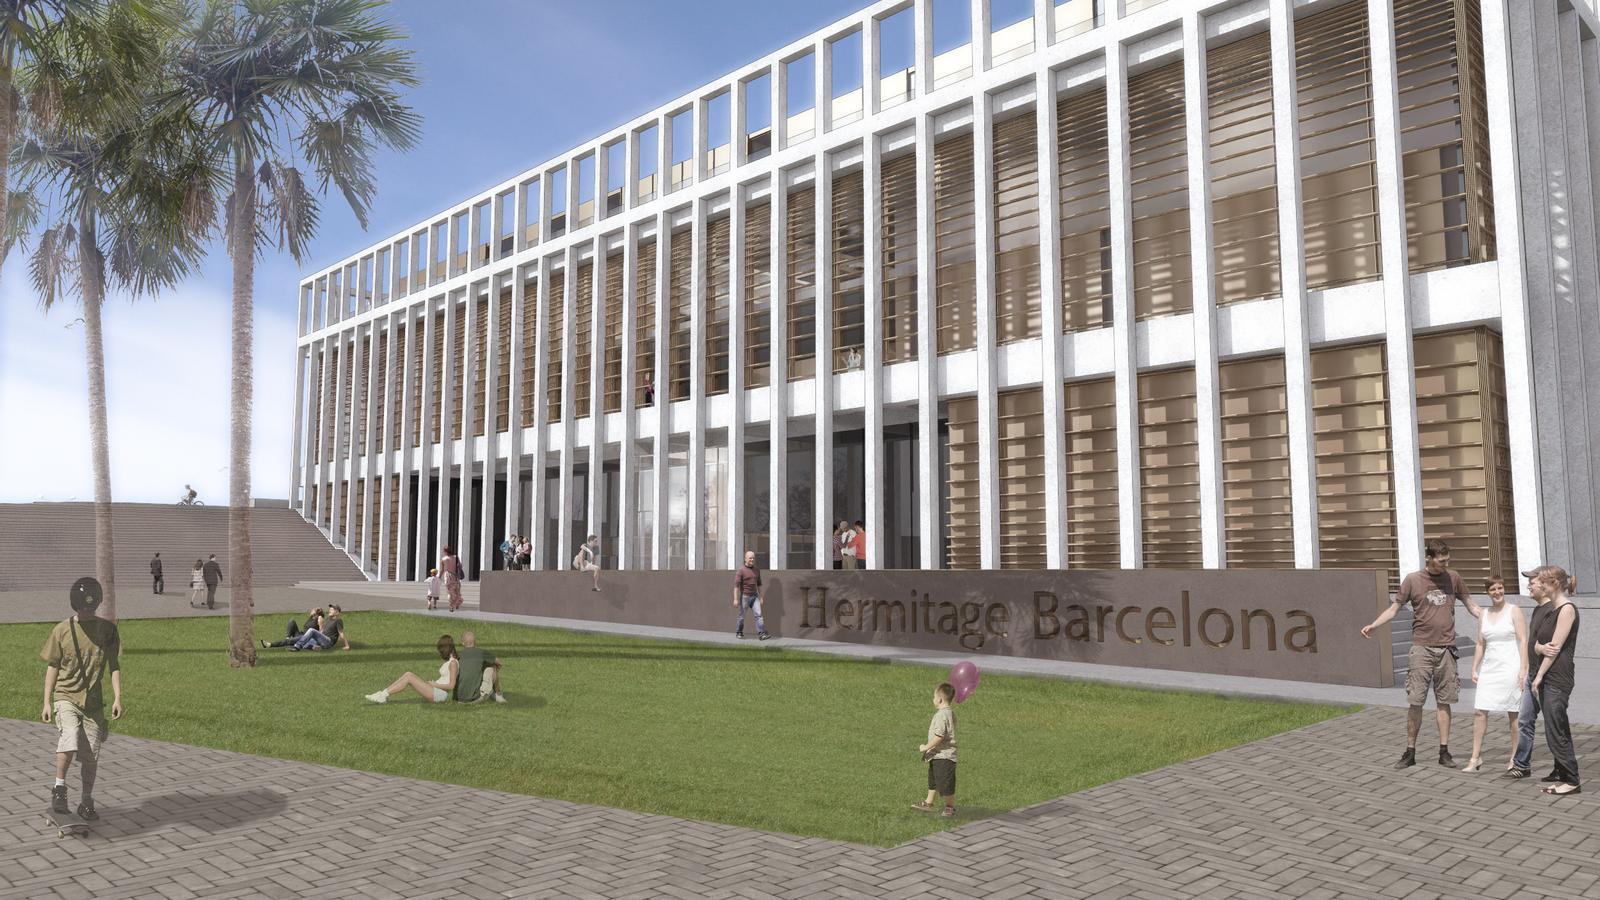 Imatge virtual de l'edifici de l'Ermitage Barcelona